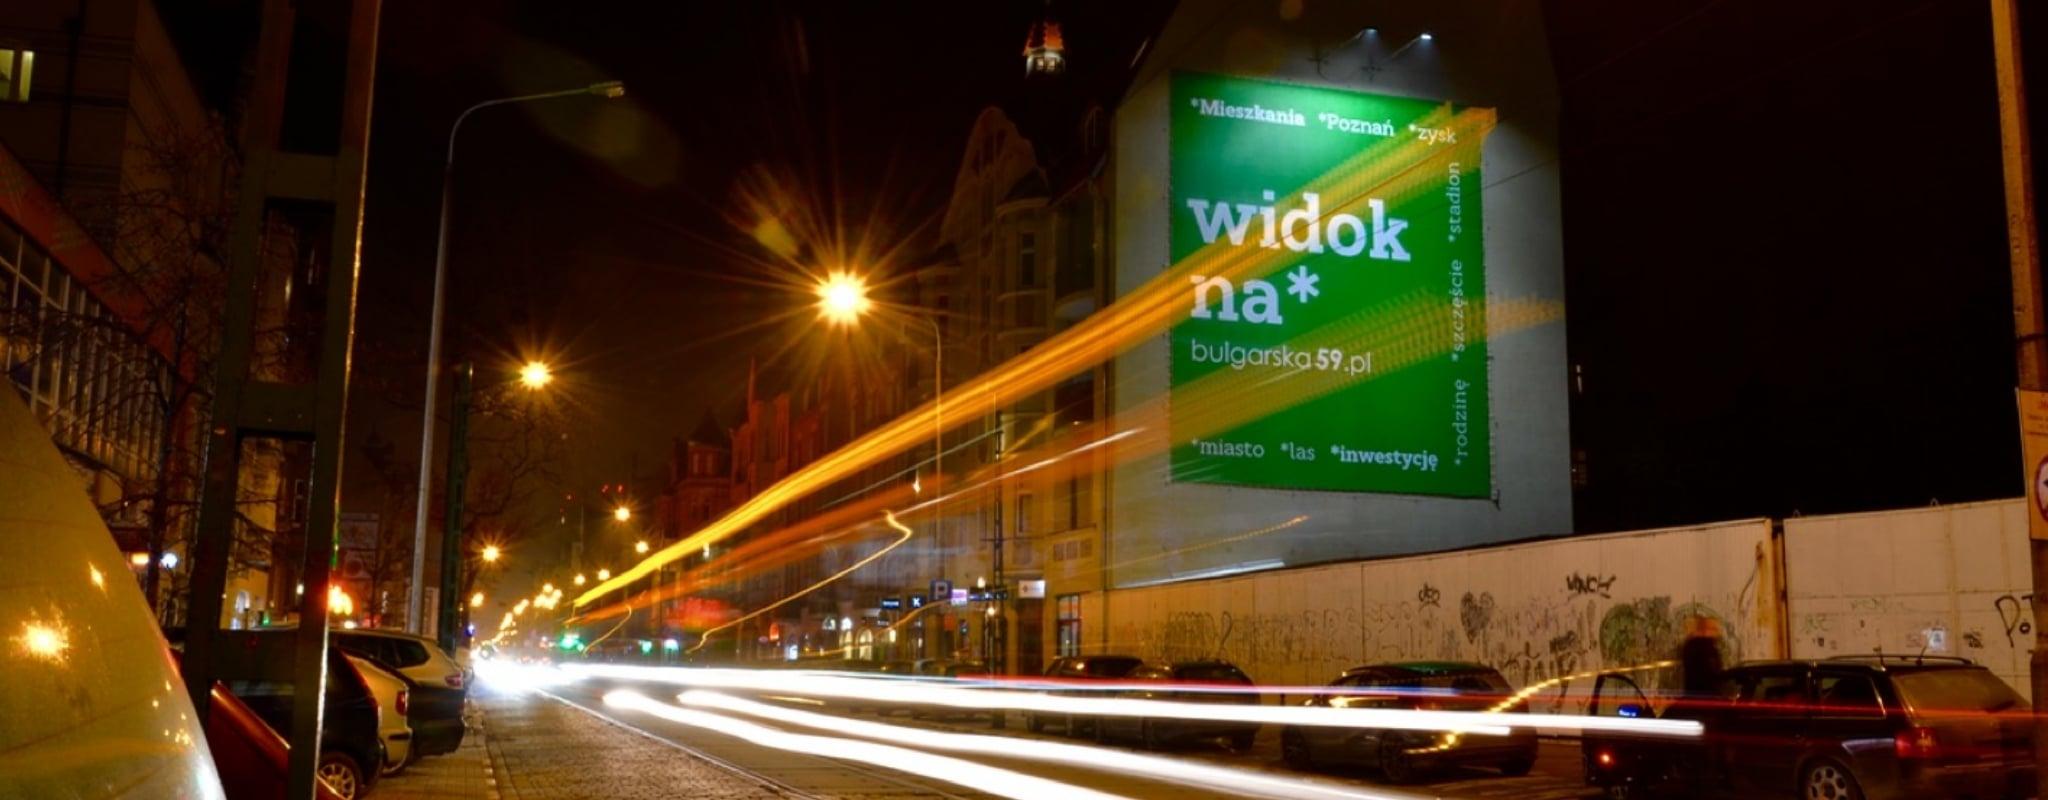 Reklama Wielki Format Poznań Dąbrowskiego 33 Rynek Jeżycki